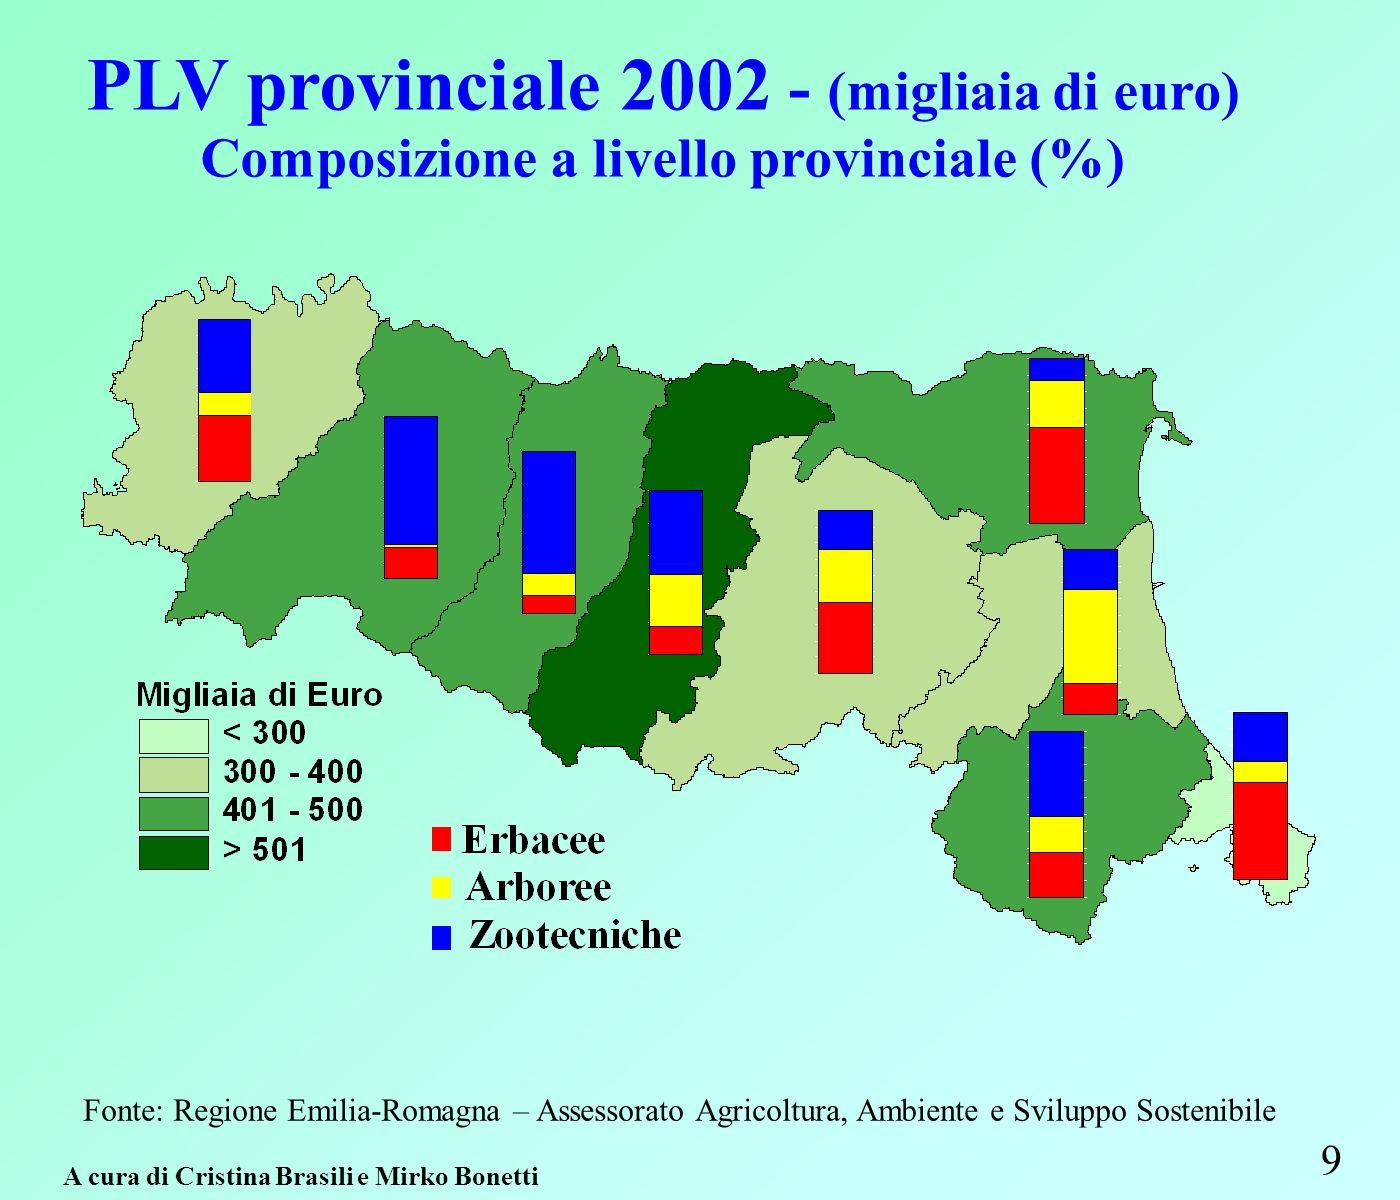 9 Fonte: Regione Emilia-Romagna – Assessorato Agricoltura, Ambiente e Sviluppo Sostenibile A cura di Cristina Brasili e Mirko Bonetti PLV provinciale 2002 - (migliaia di euro) Composizione a livello provinciale (%)